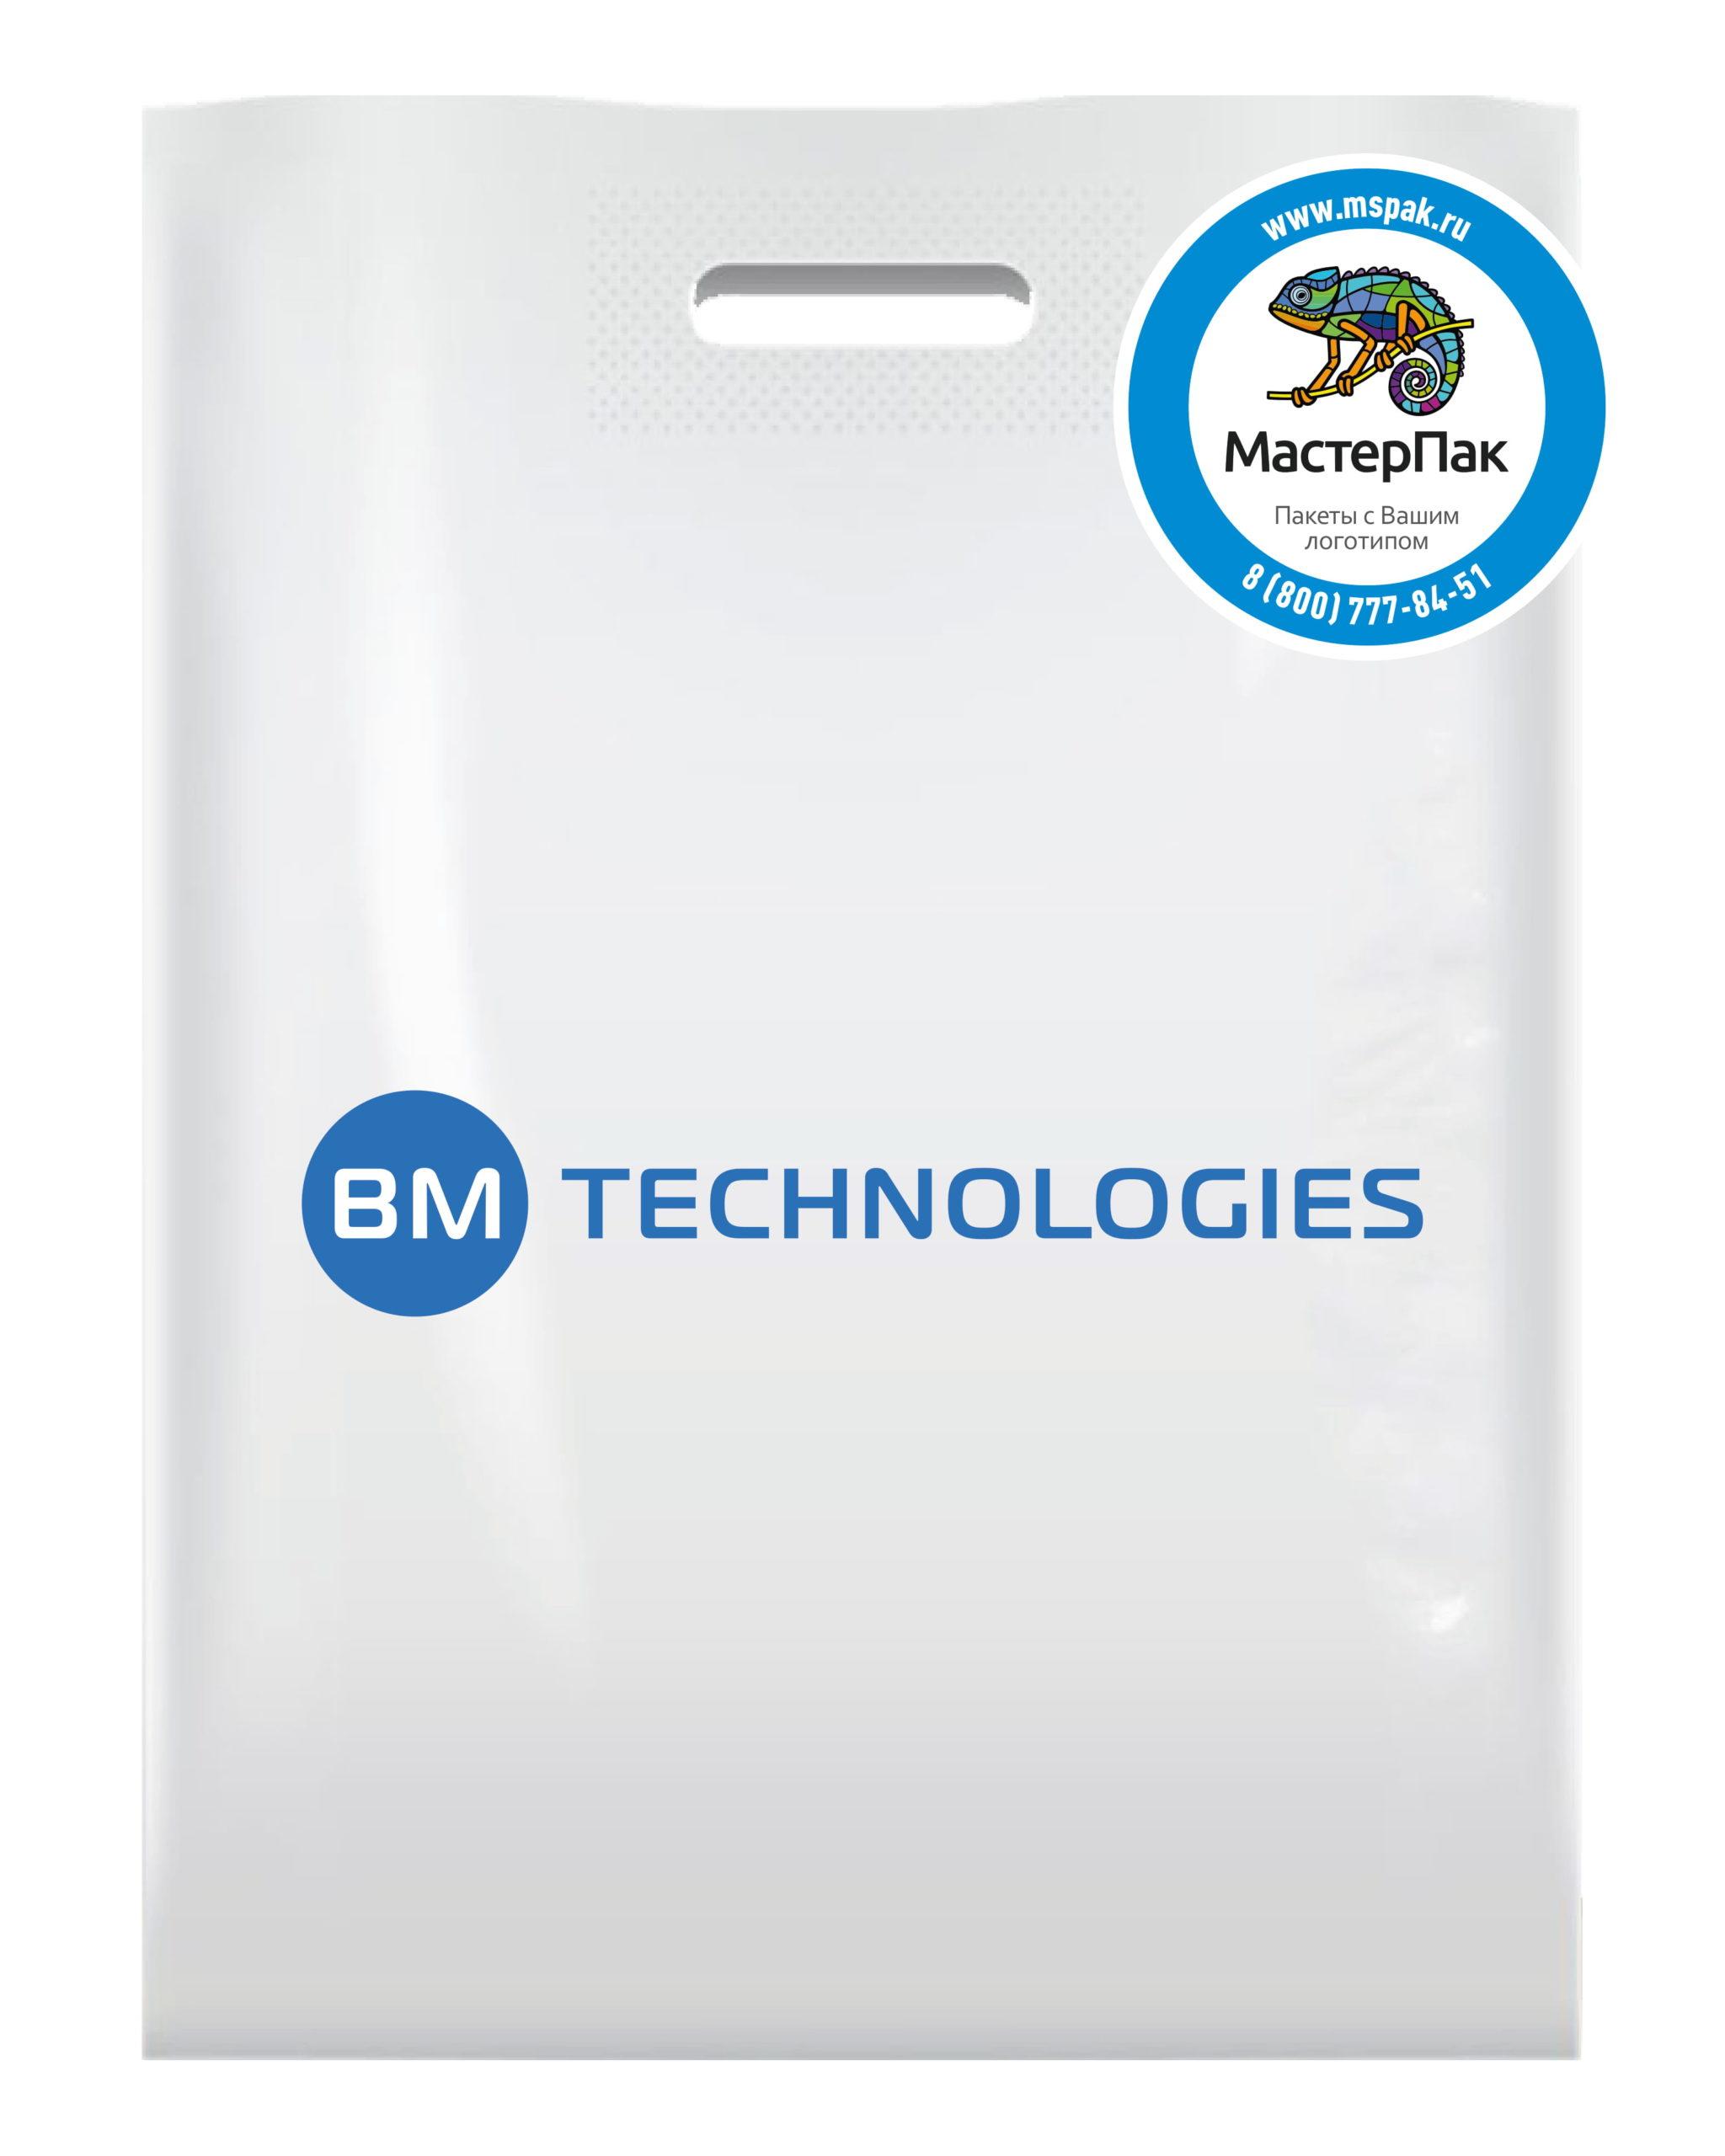 Пакет ПВД с вырубной ручкой и логотипом BM Technologies, Москва